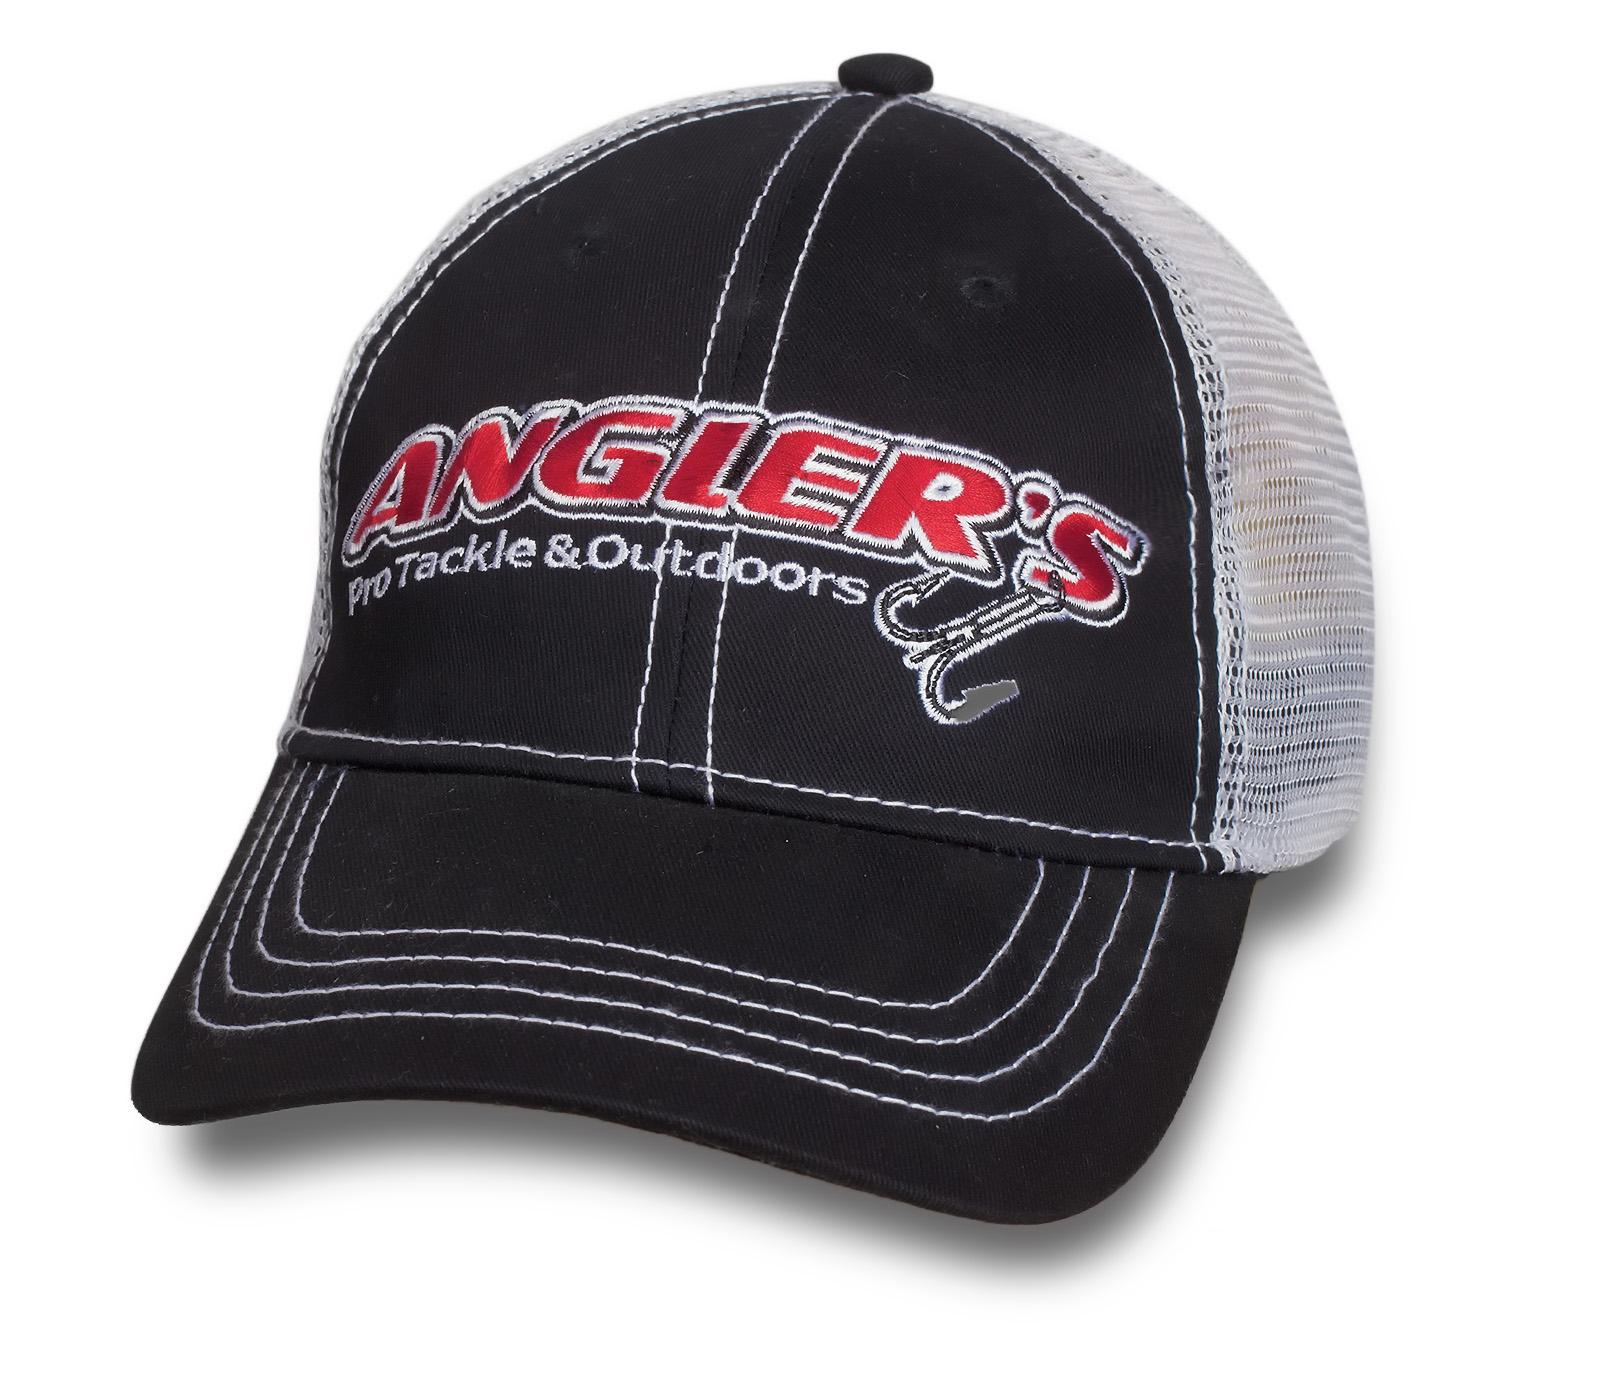 Заказать воздушную кепку рыбаку от ANGLER'S по демократической цене